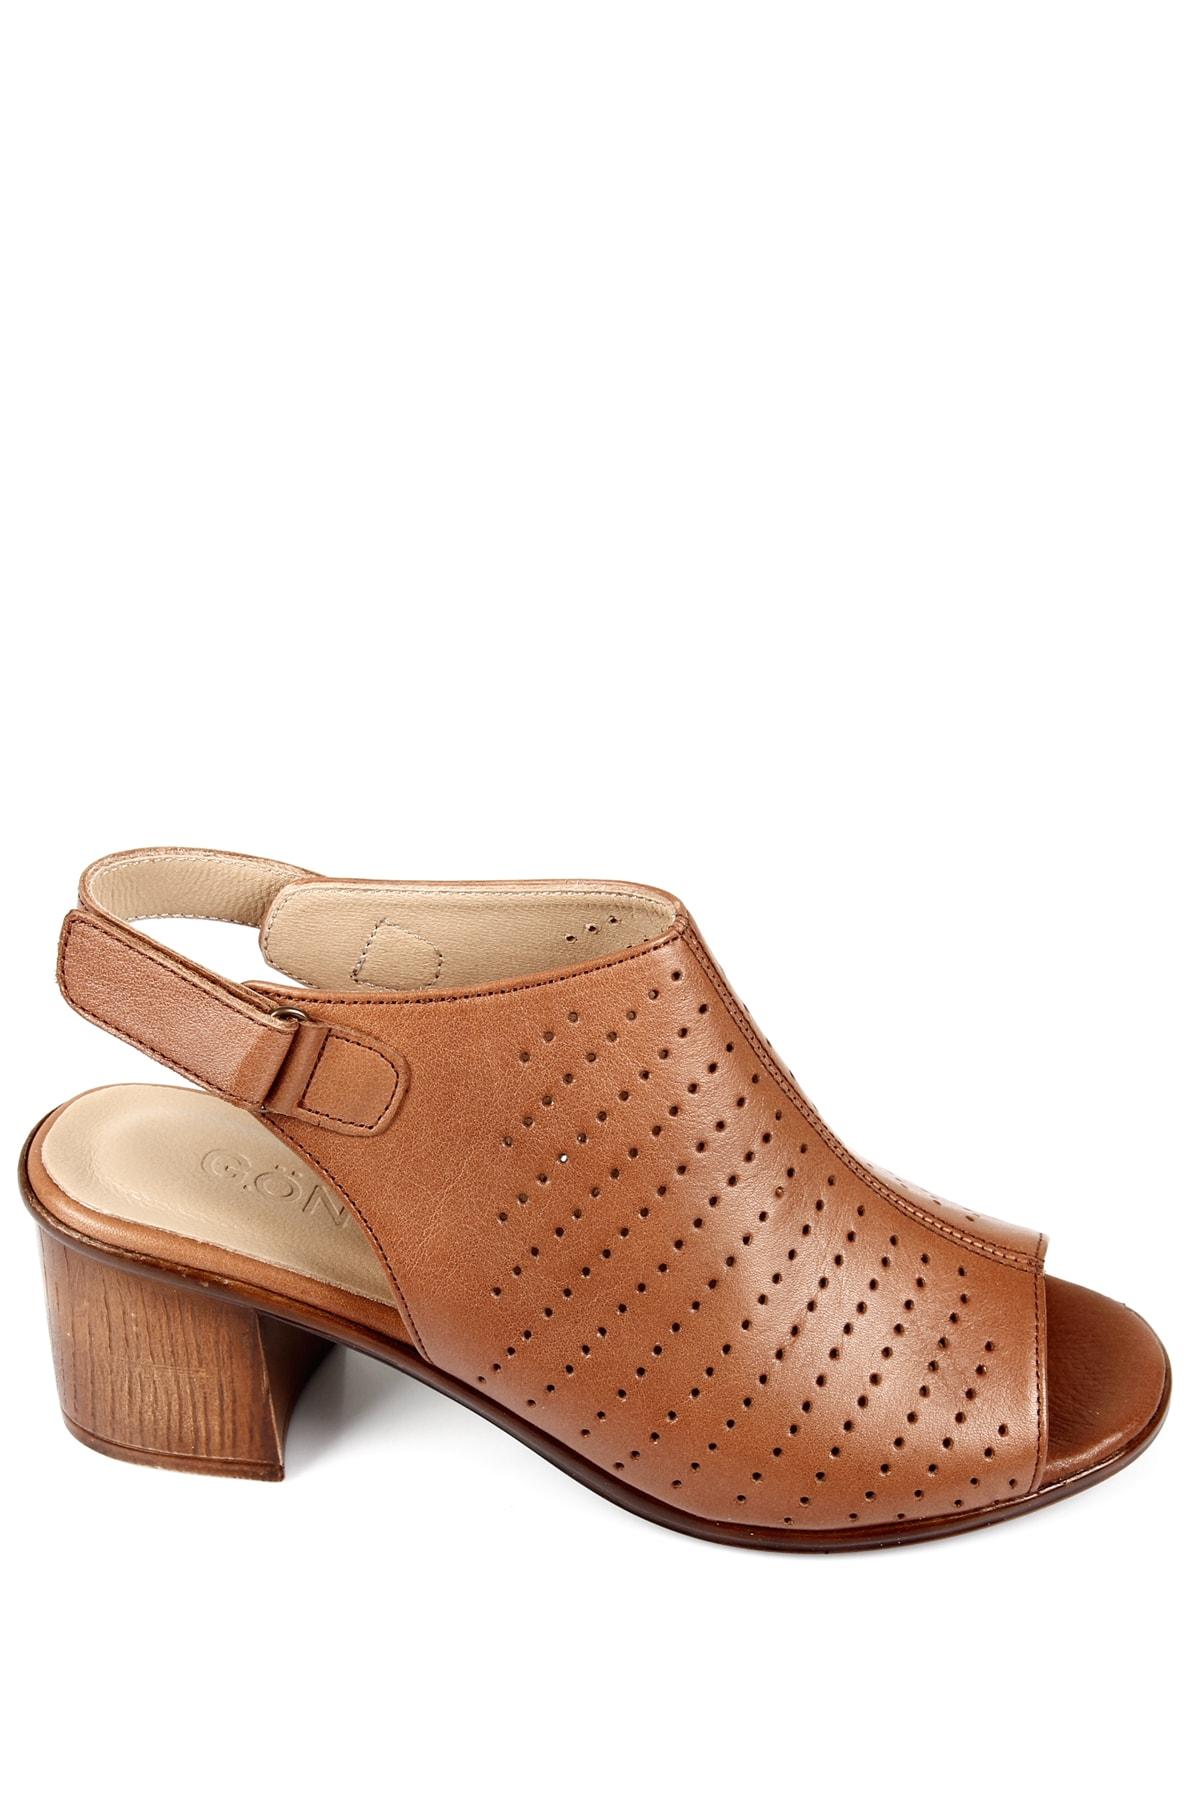 G.Ö.N Gön Hakiki Deri Kadın Sandalet 45627 2